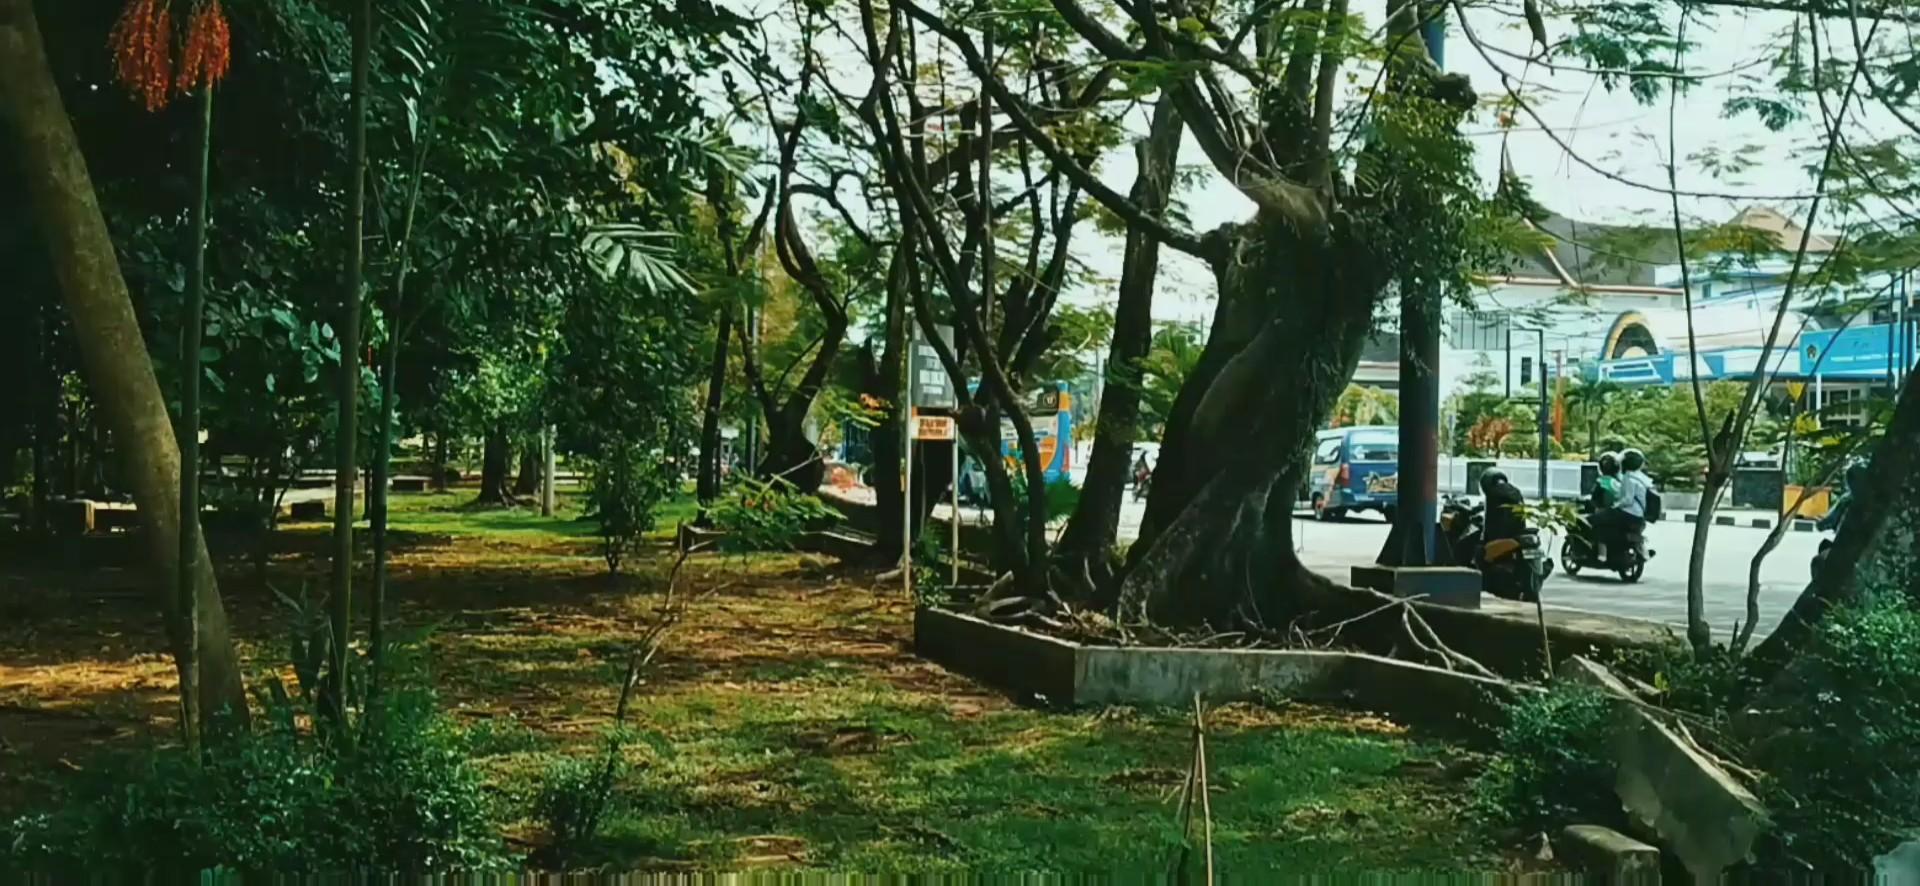 Elegan studio - Bersantai di Taman Imam Bonjol Kota Padang